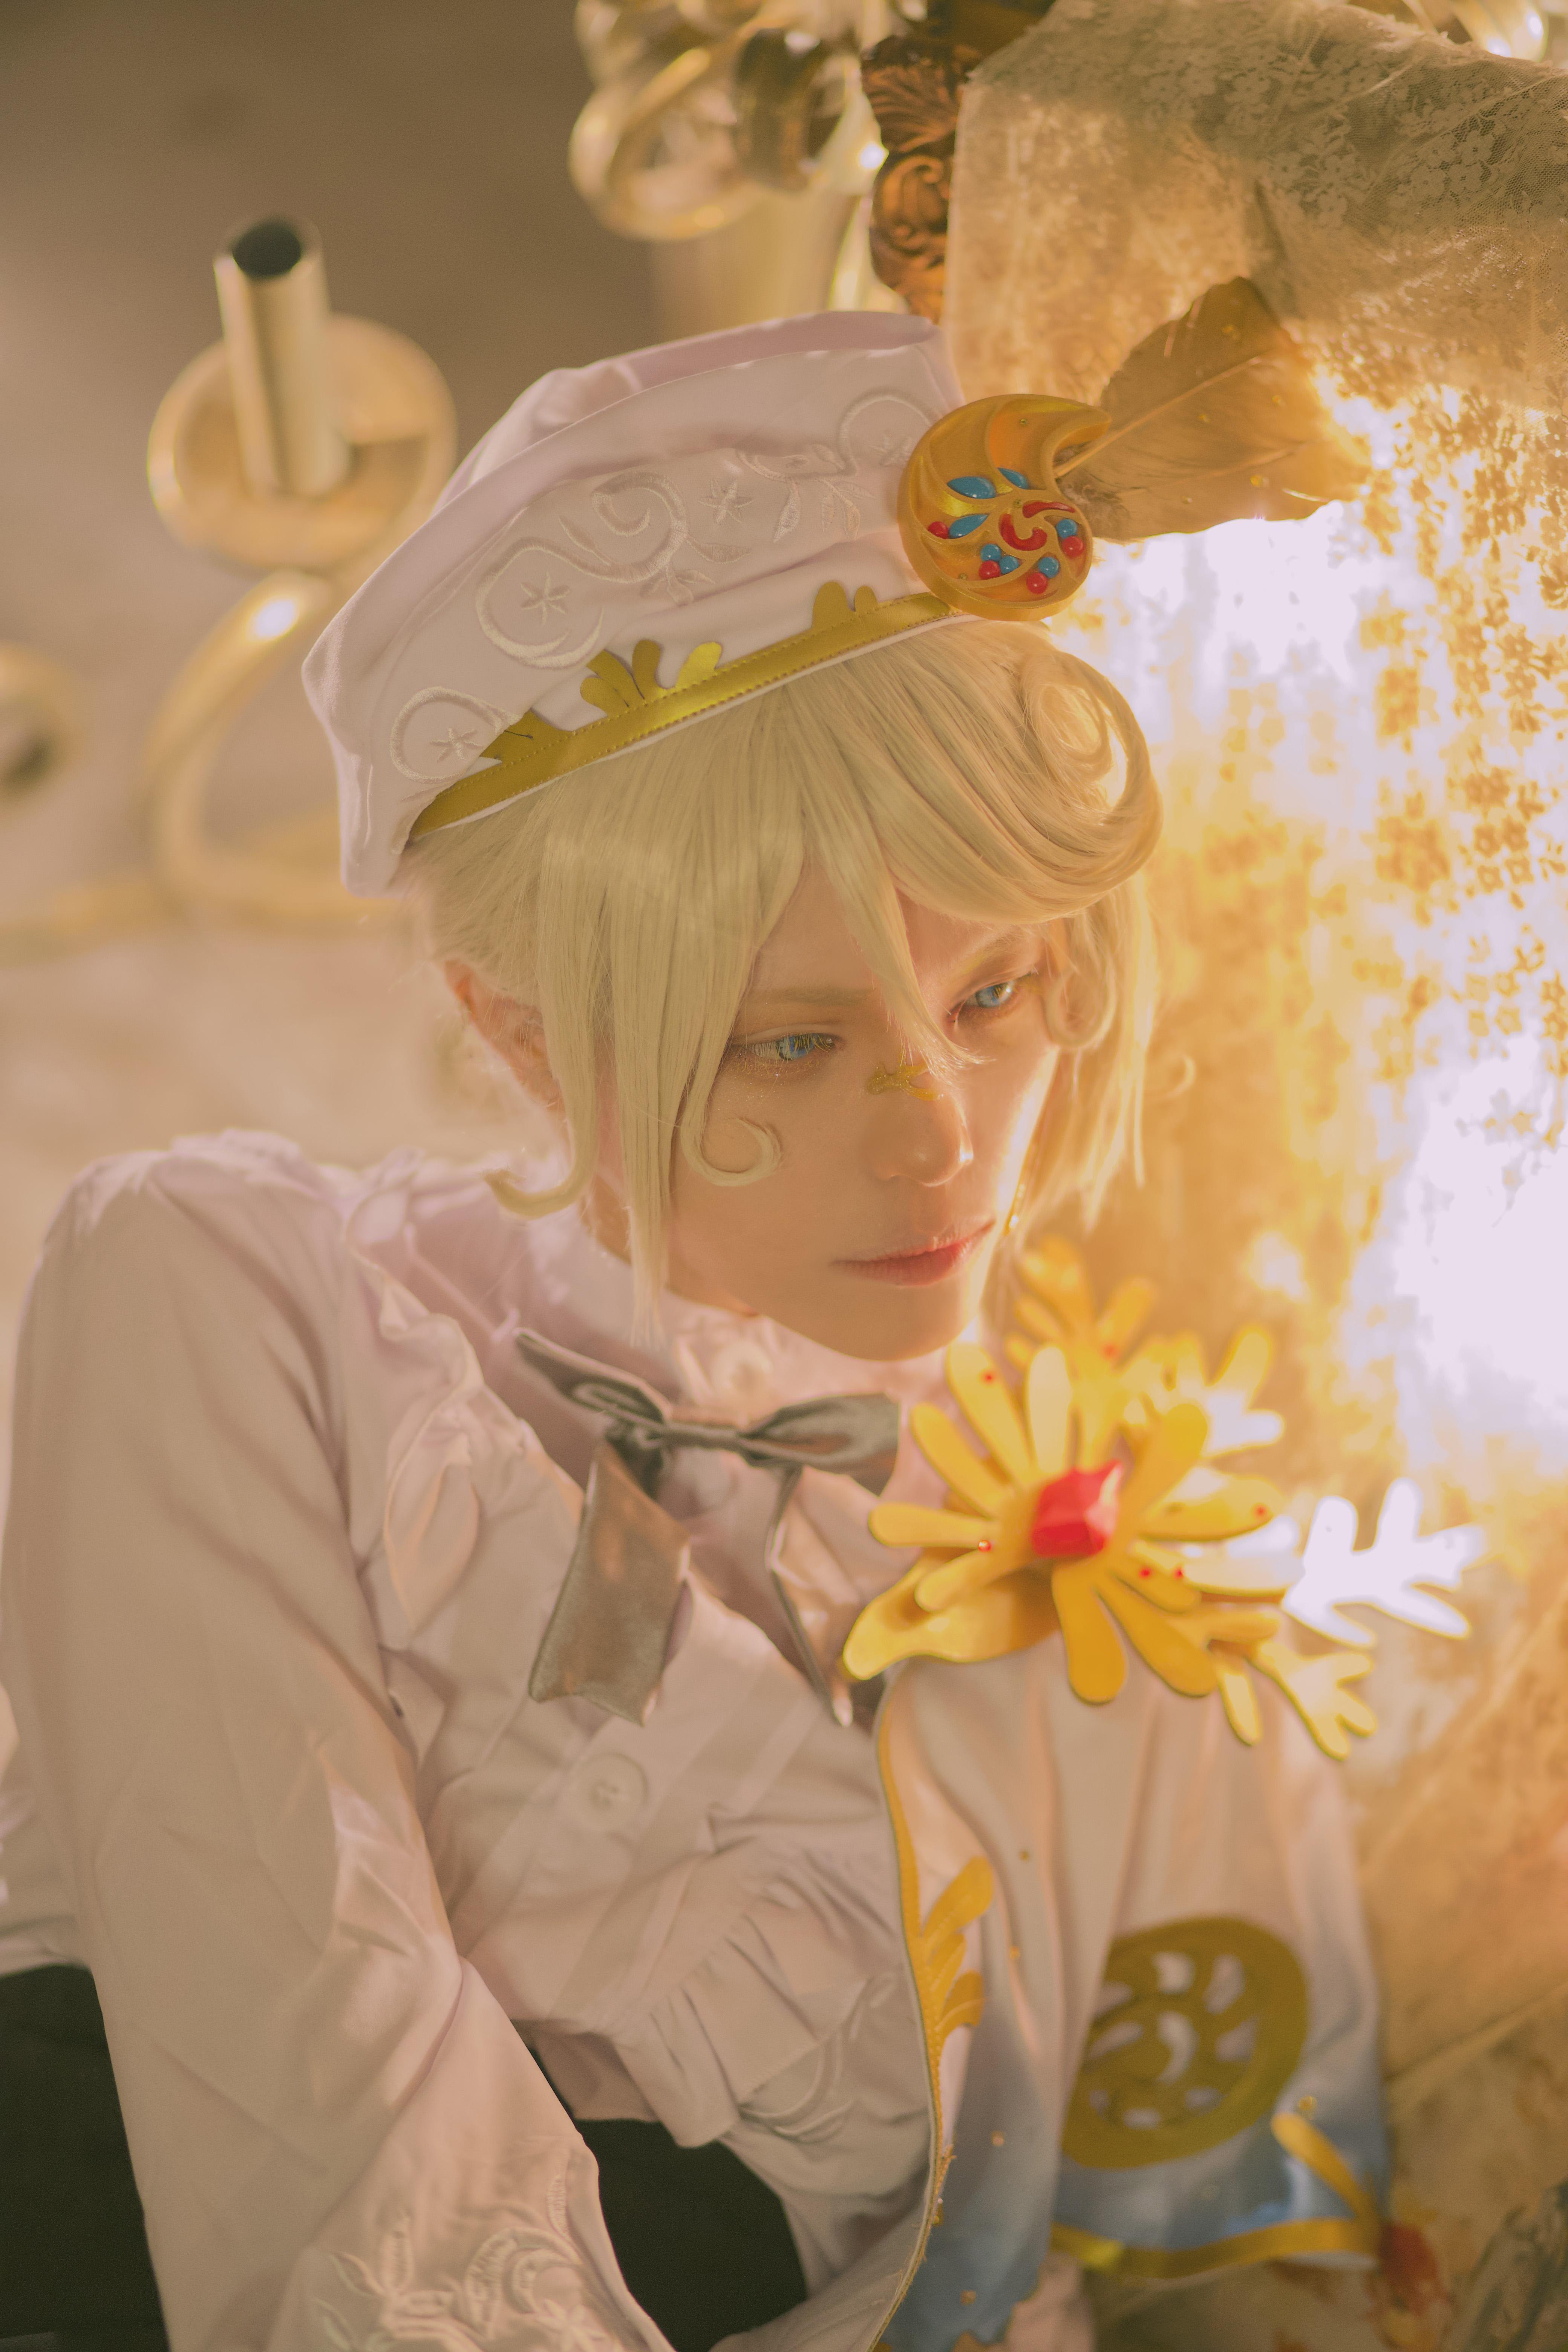 《第五人格》正片cosplay【CN:佑沩ryunta】-第5张